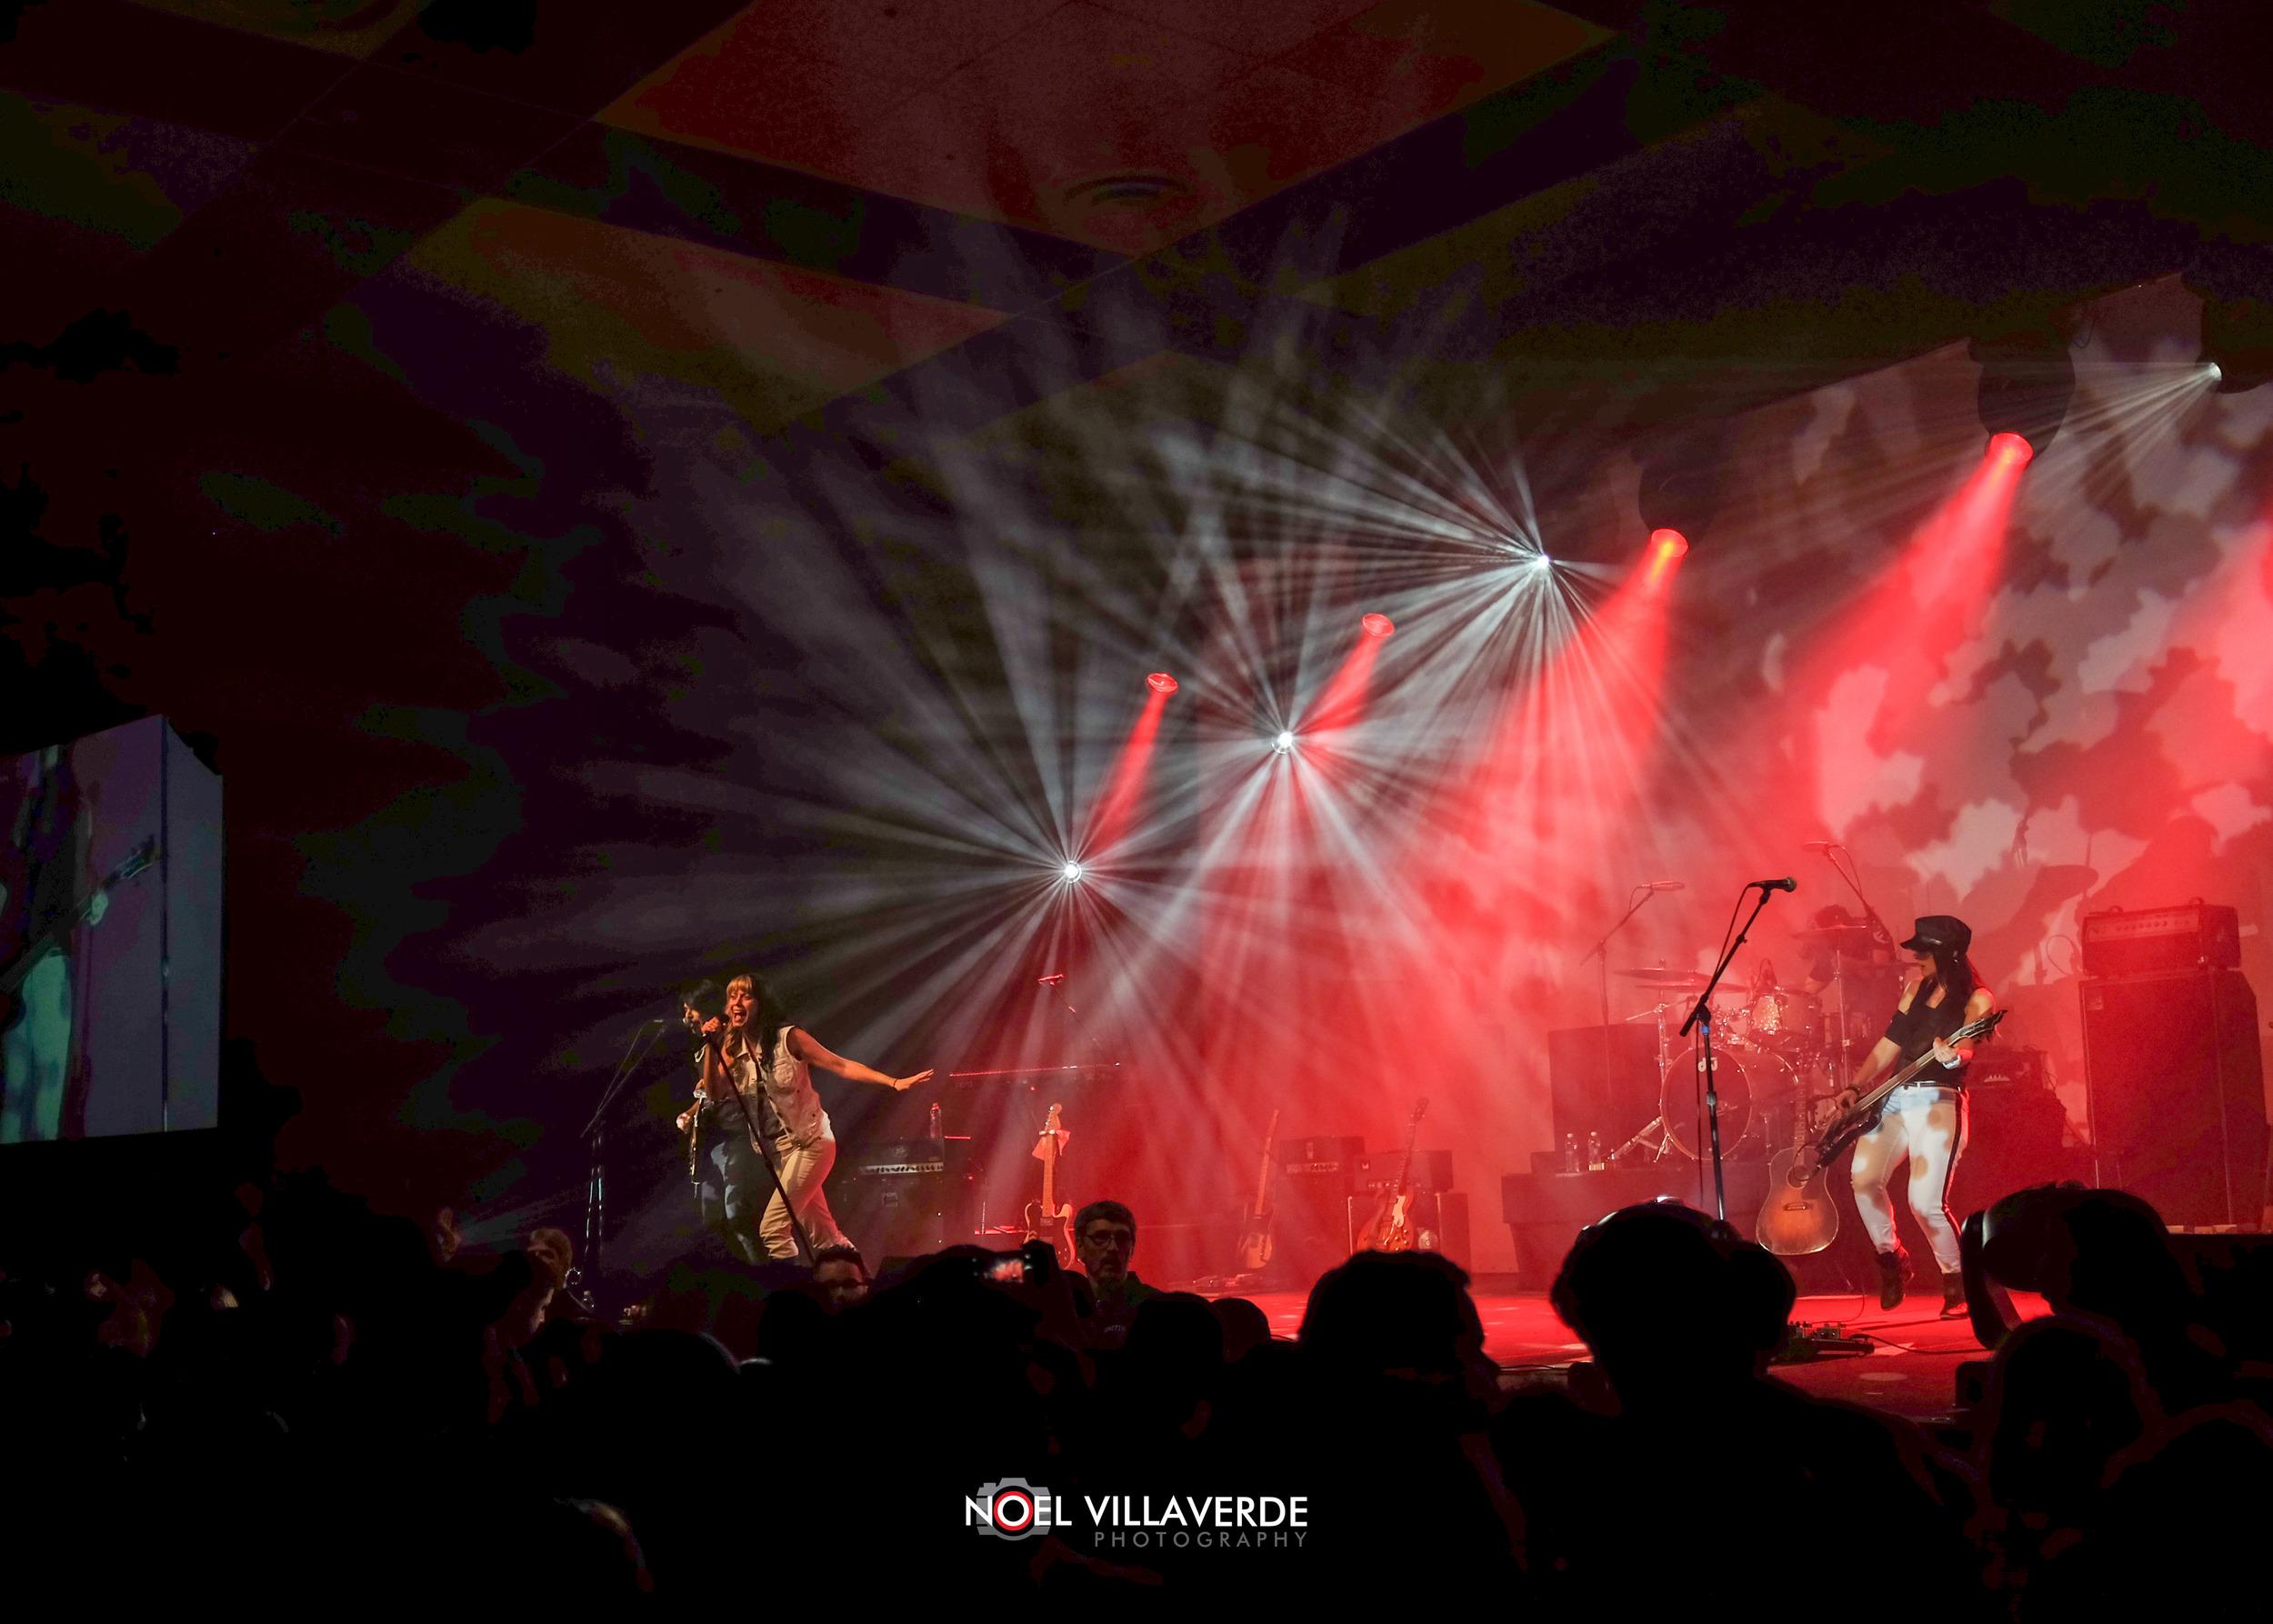 Ignition_Concert-13.jpg